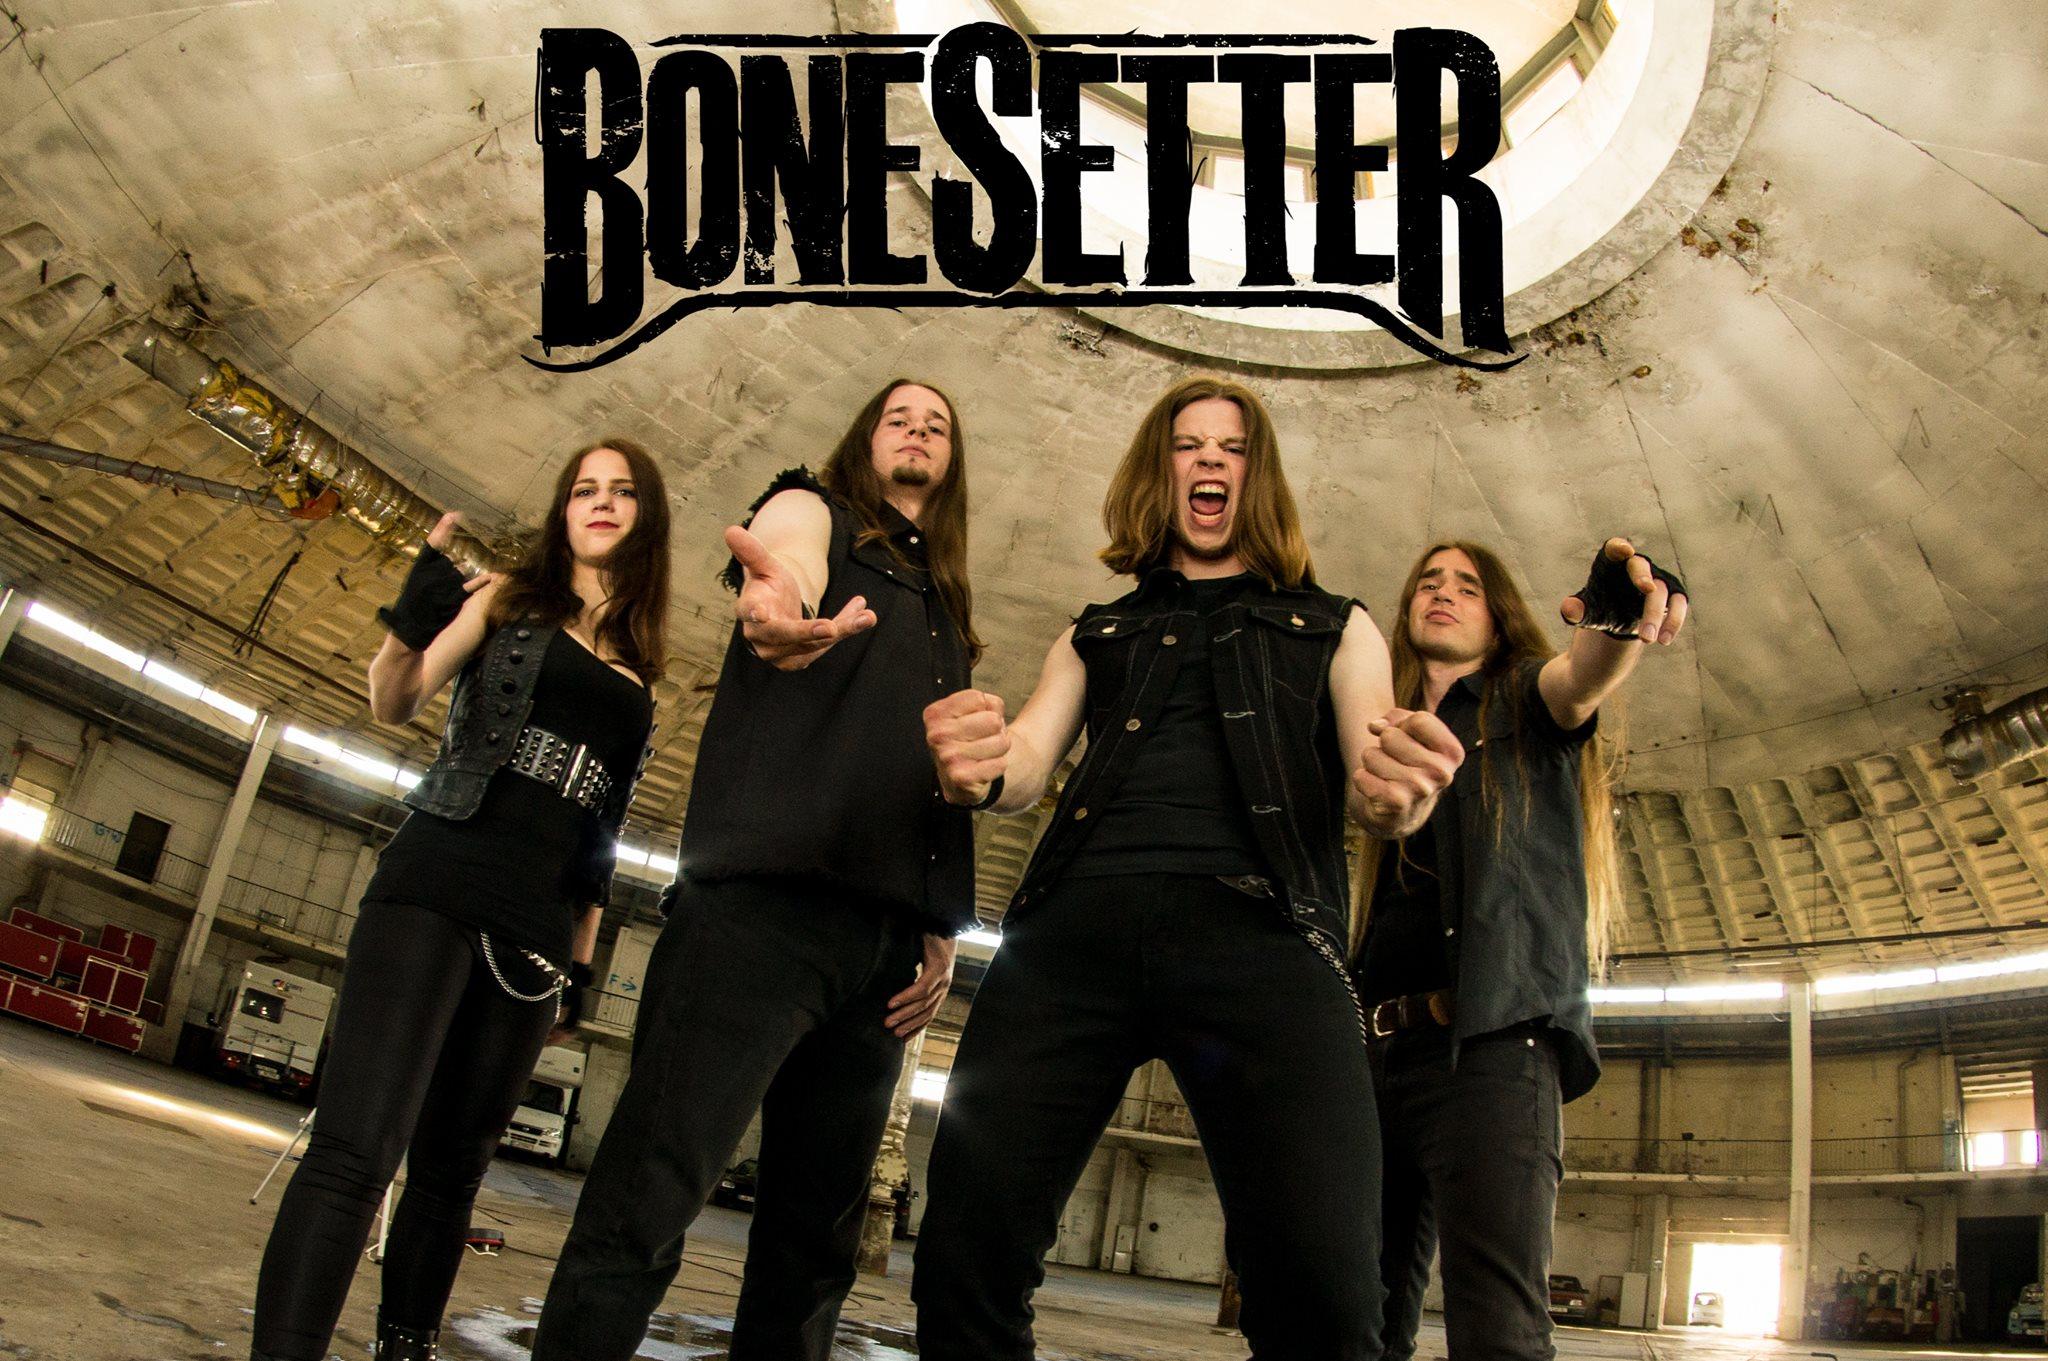 Image of Bonesetter